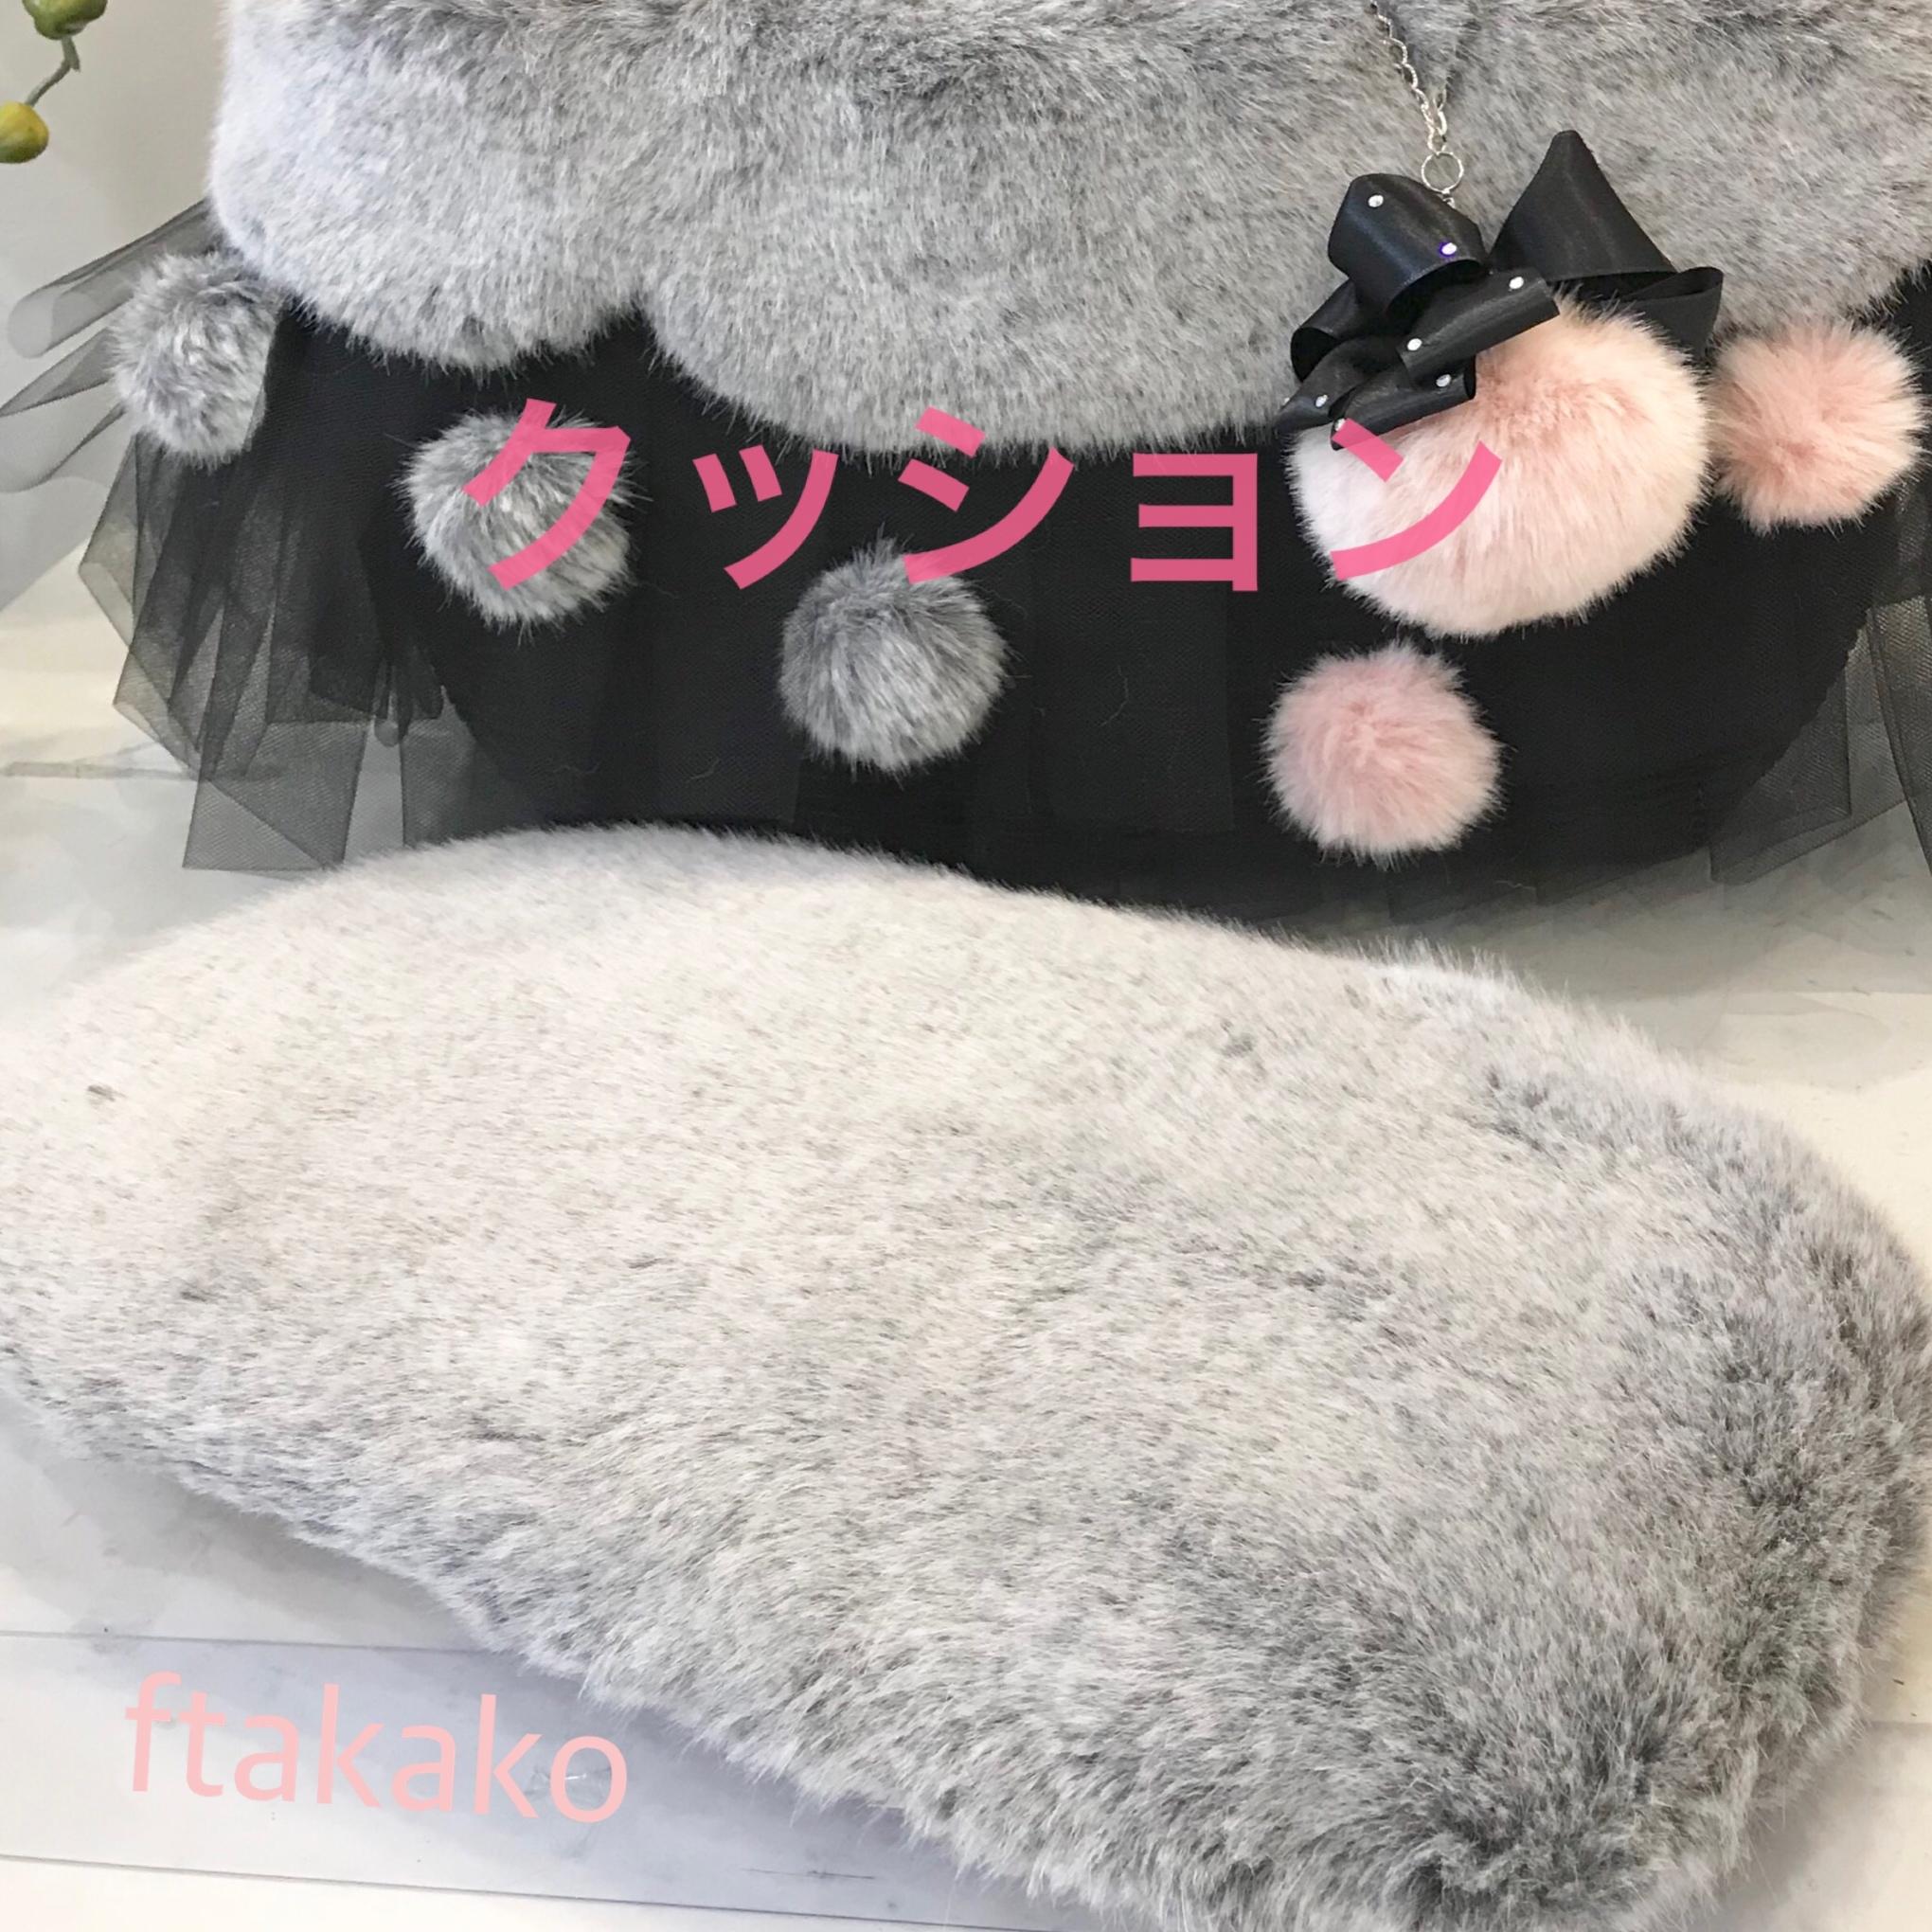 2キロサイズ用ドッグキャリー用エコクファークッション〜カスタマイズメニュー